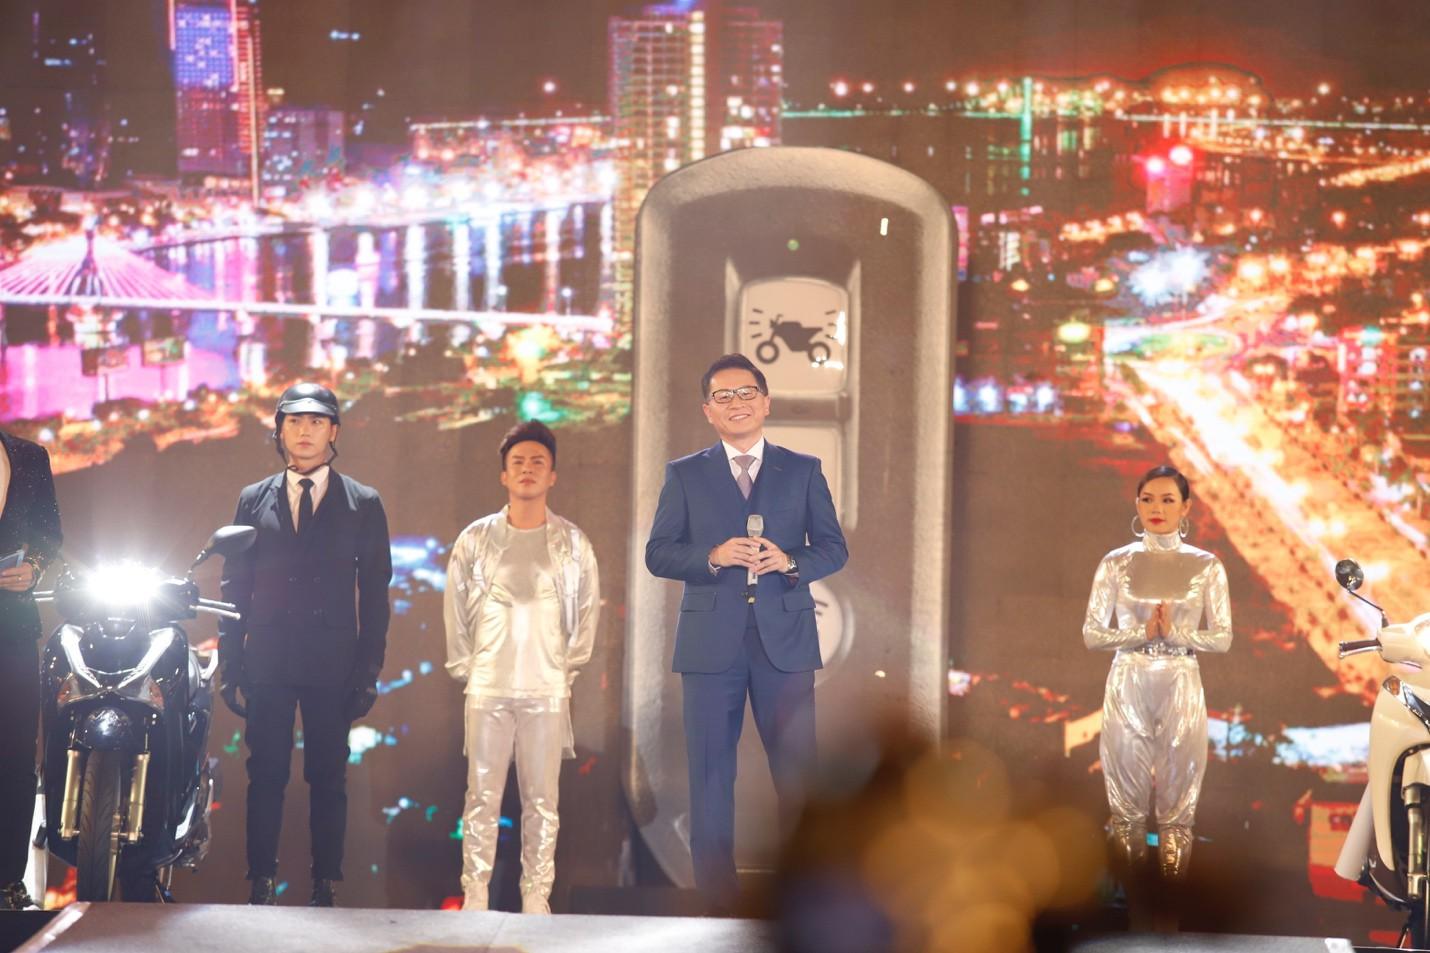 """Mỹ Tâm, Noo Phước Thịnh, Bích Phương và dàn sao """"khủng"""" cháy hết mình cùng hơn 36.000 khán giả tại đêm nhạc công nghệ - Ảnh 2."""